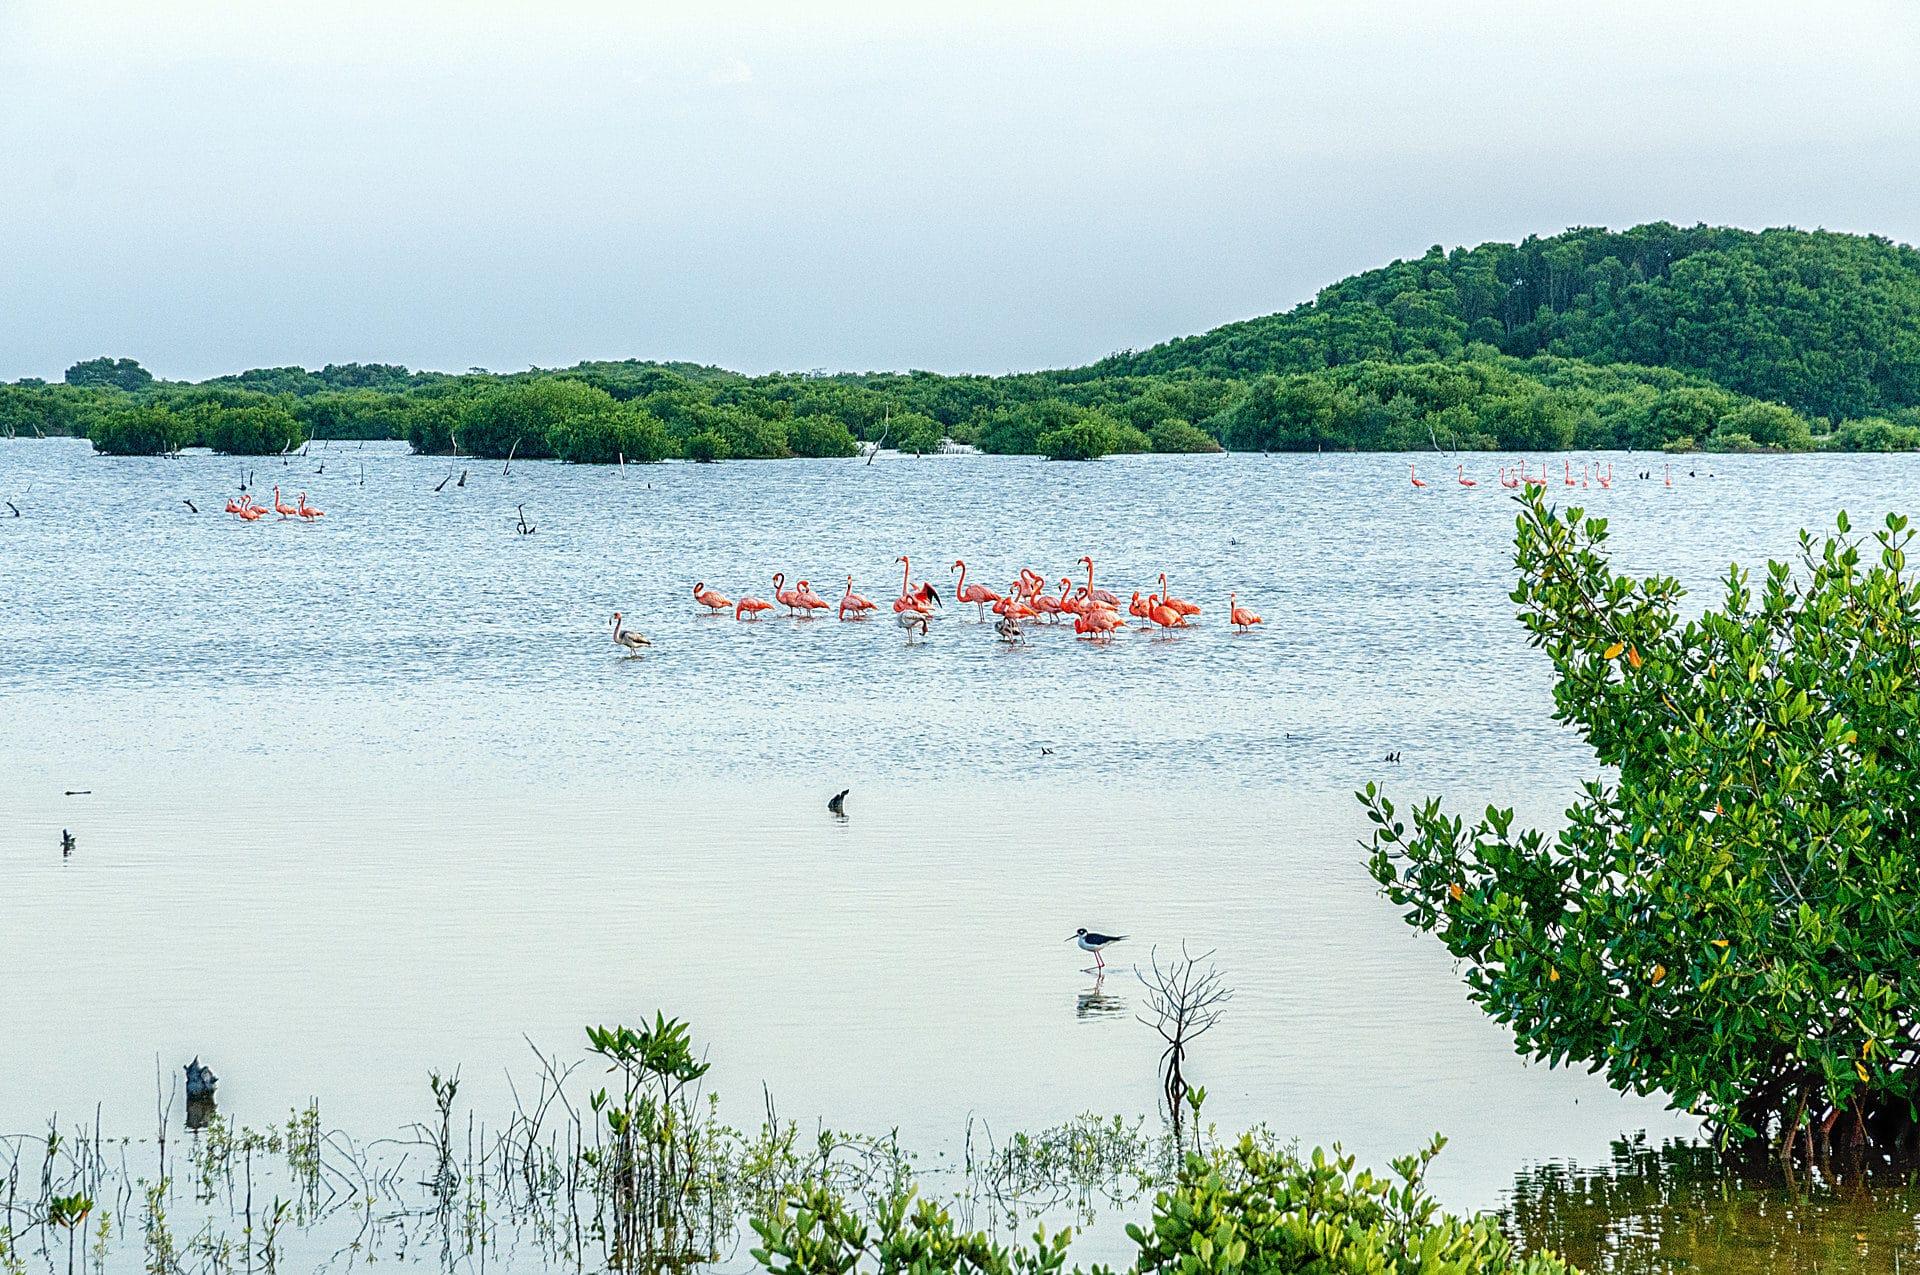 Flamingos in Progreso